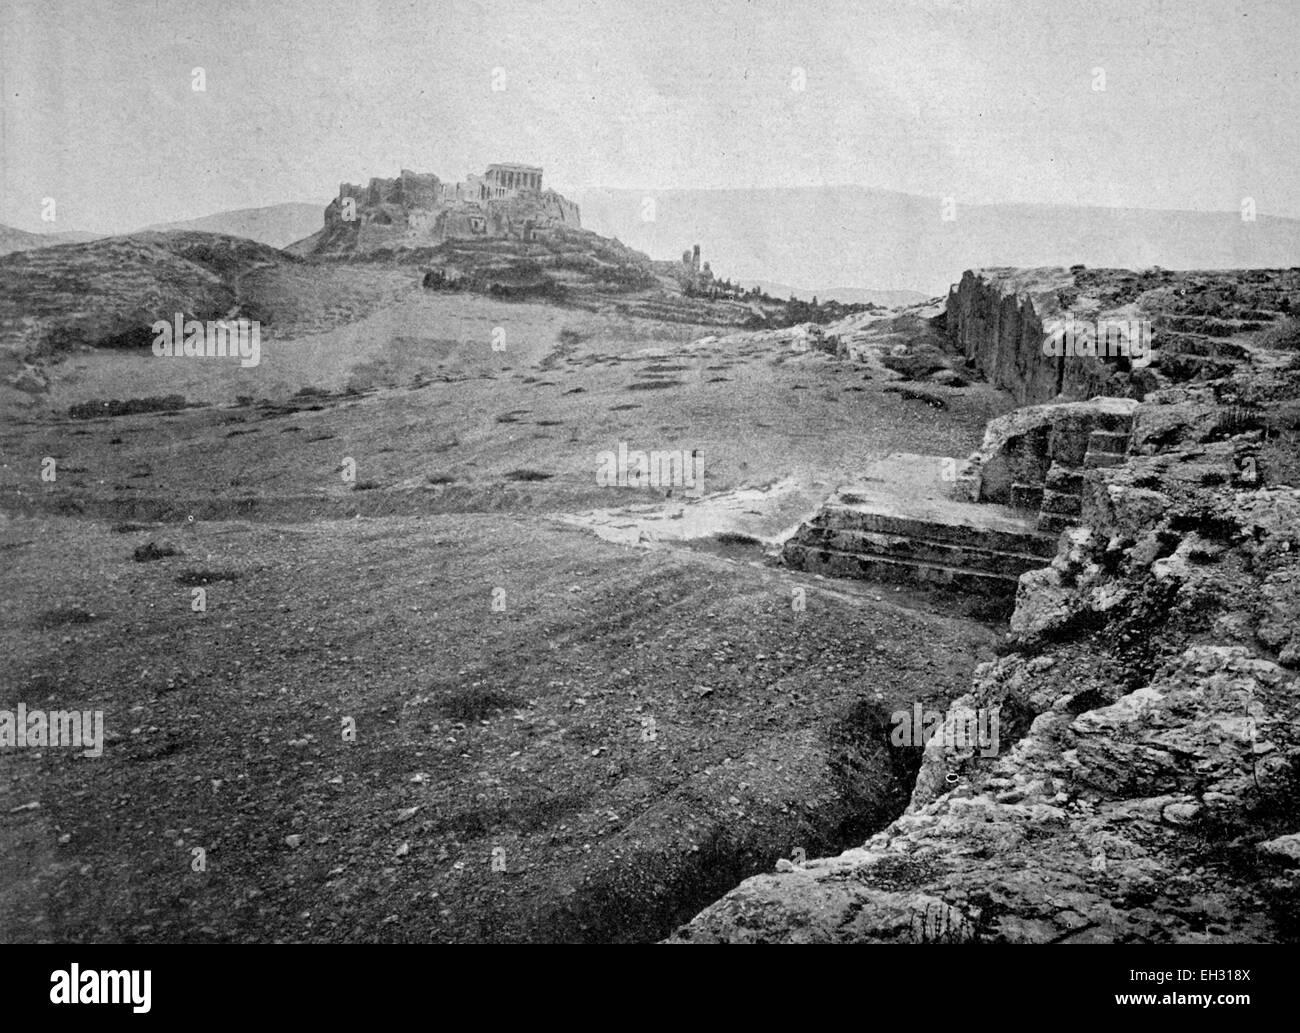 One of the first autotype photographs of Le Pnyx et La Tribune de Demosthenes, Athen, Greece - Stock Image